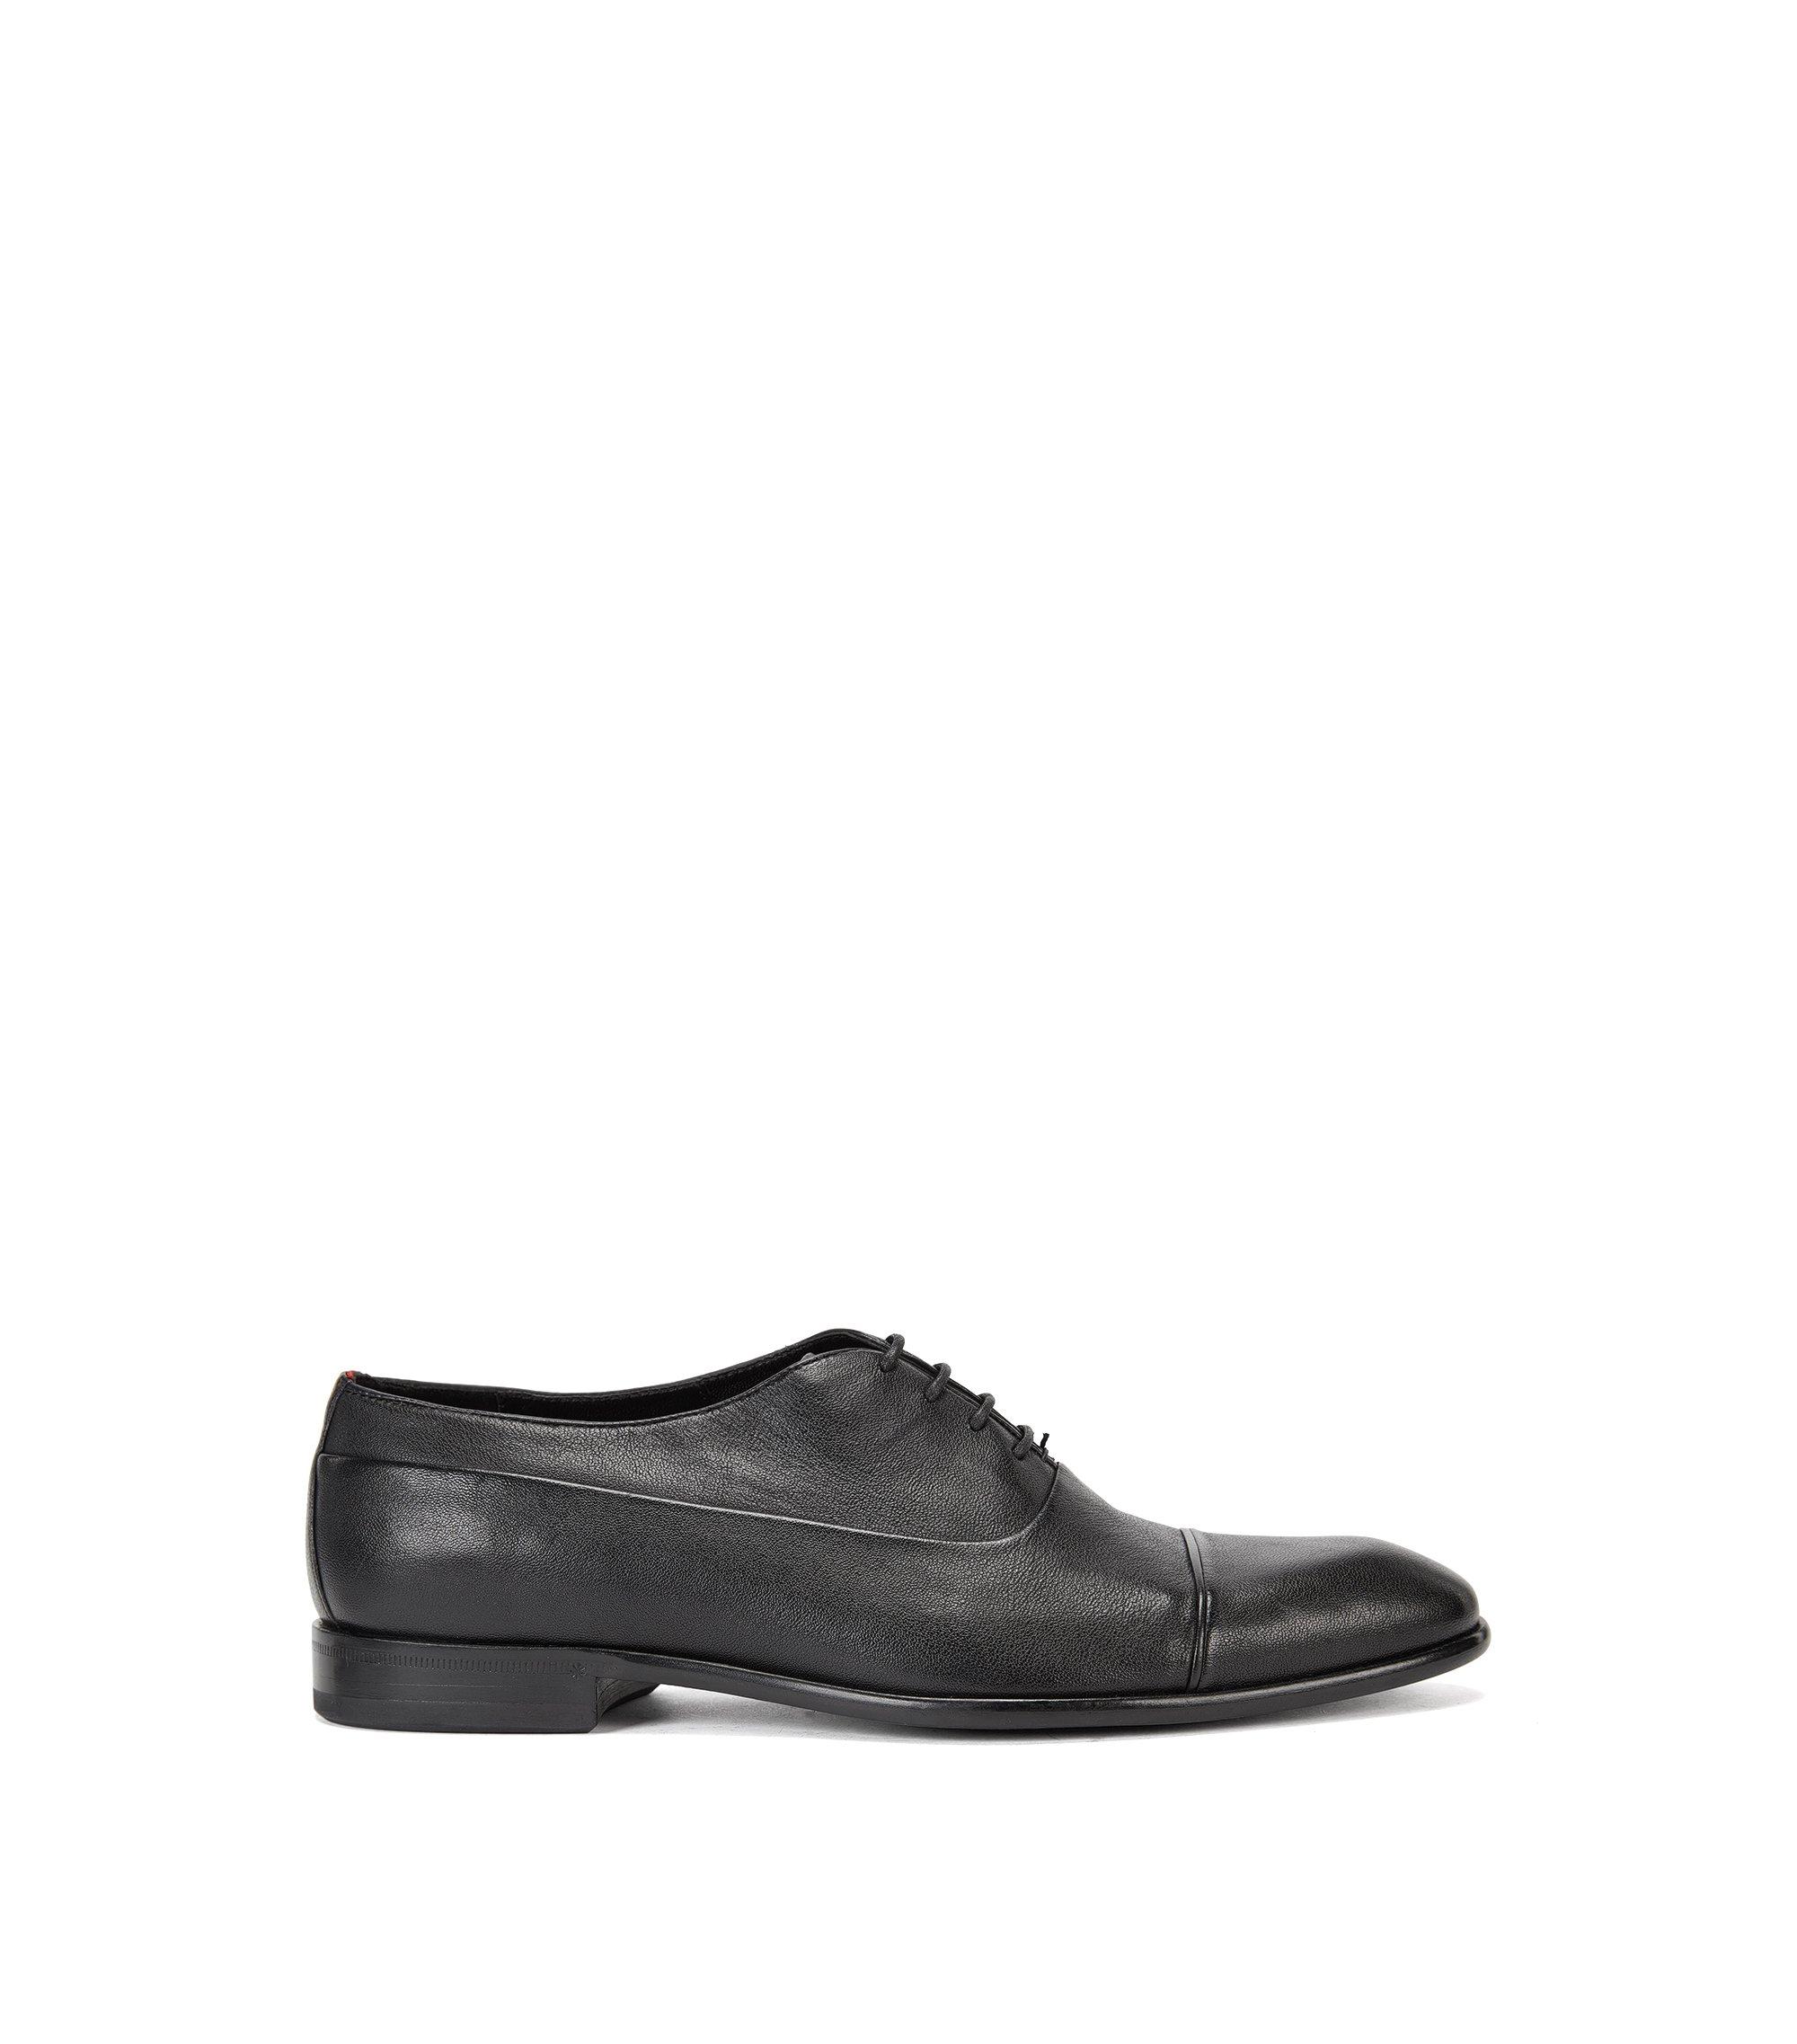 Chaussures Oxford en cuir, à passepoil , Noir